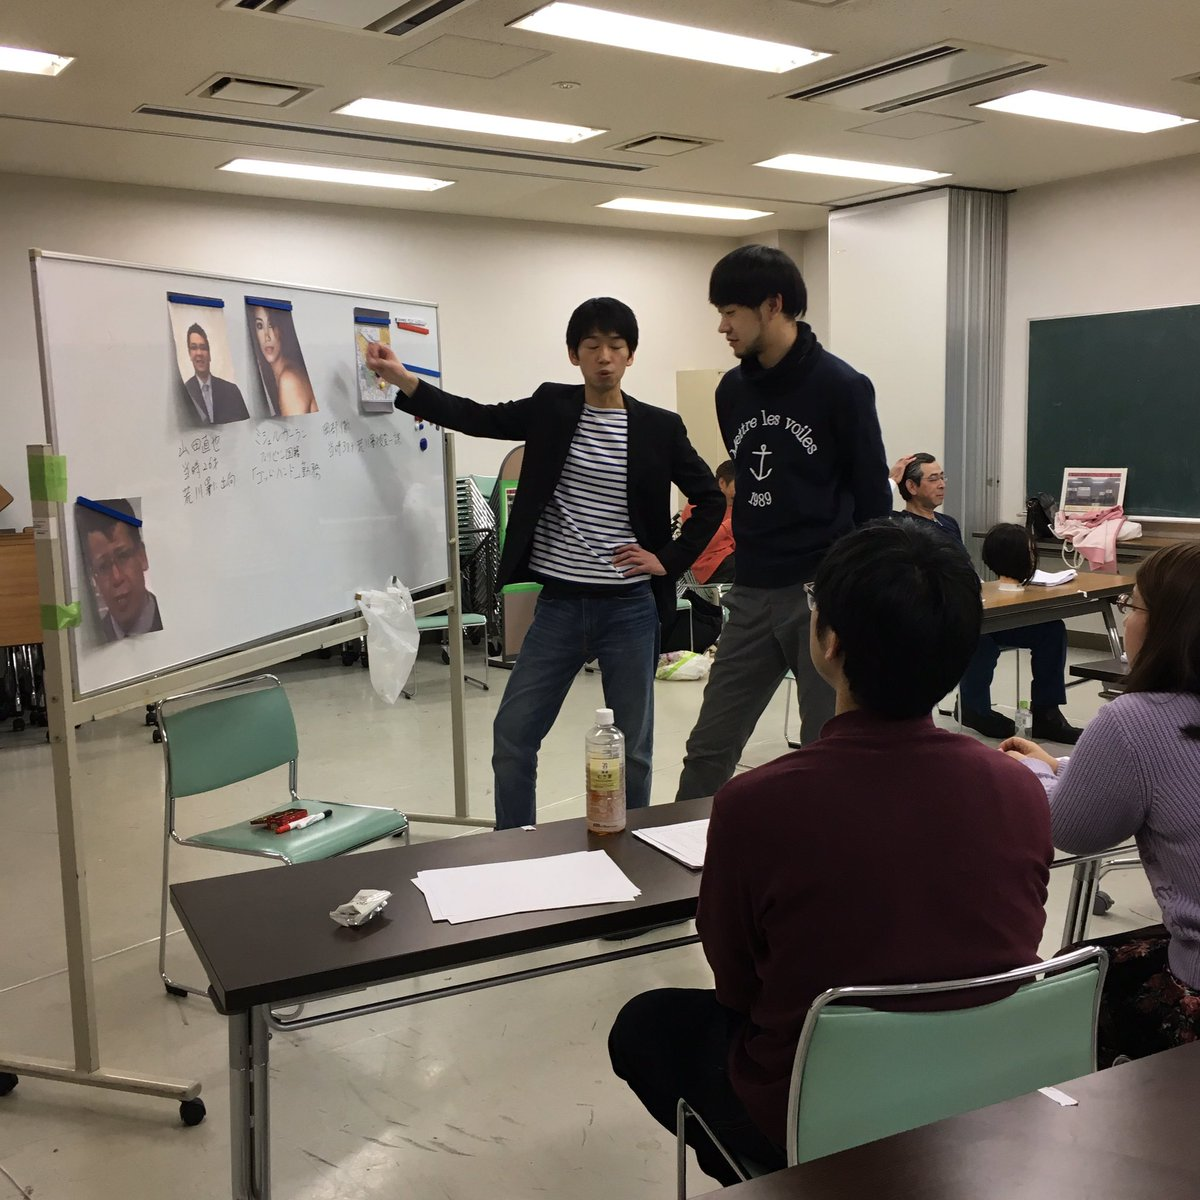 水野らむね/竹葉桜子 on Twitter...